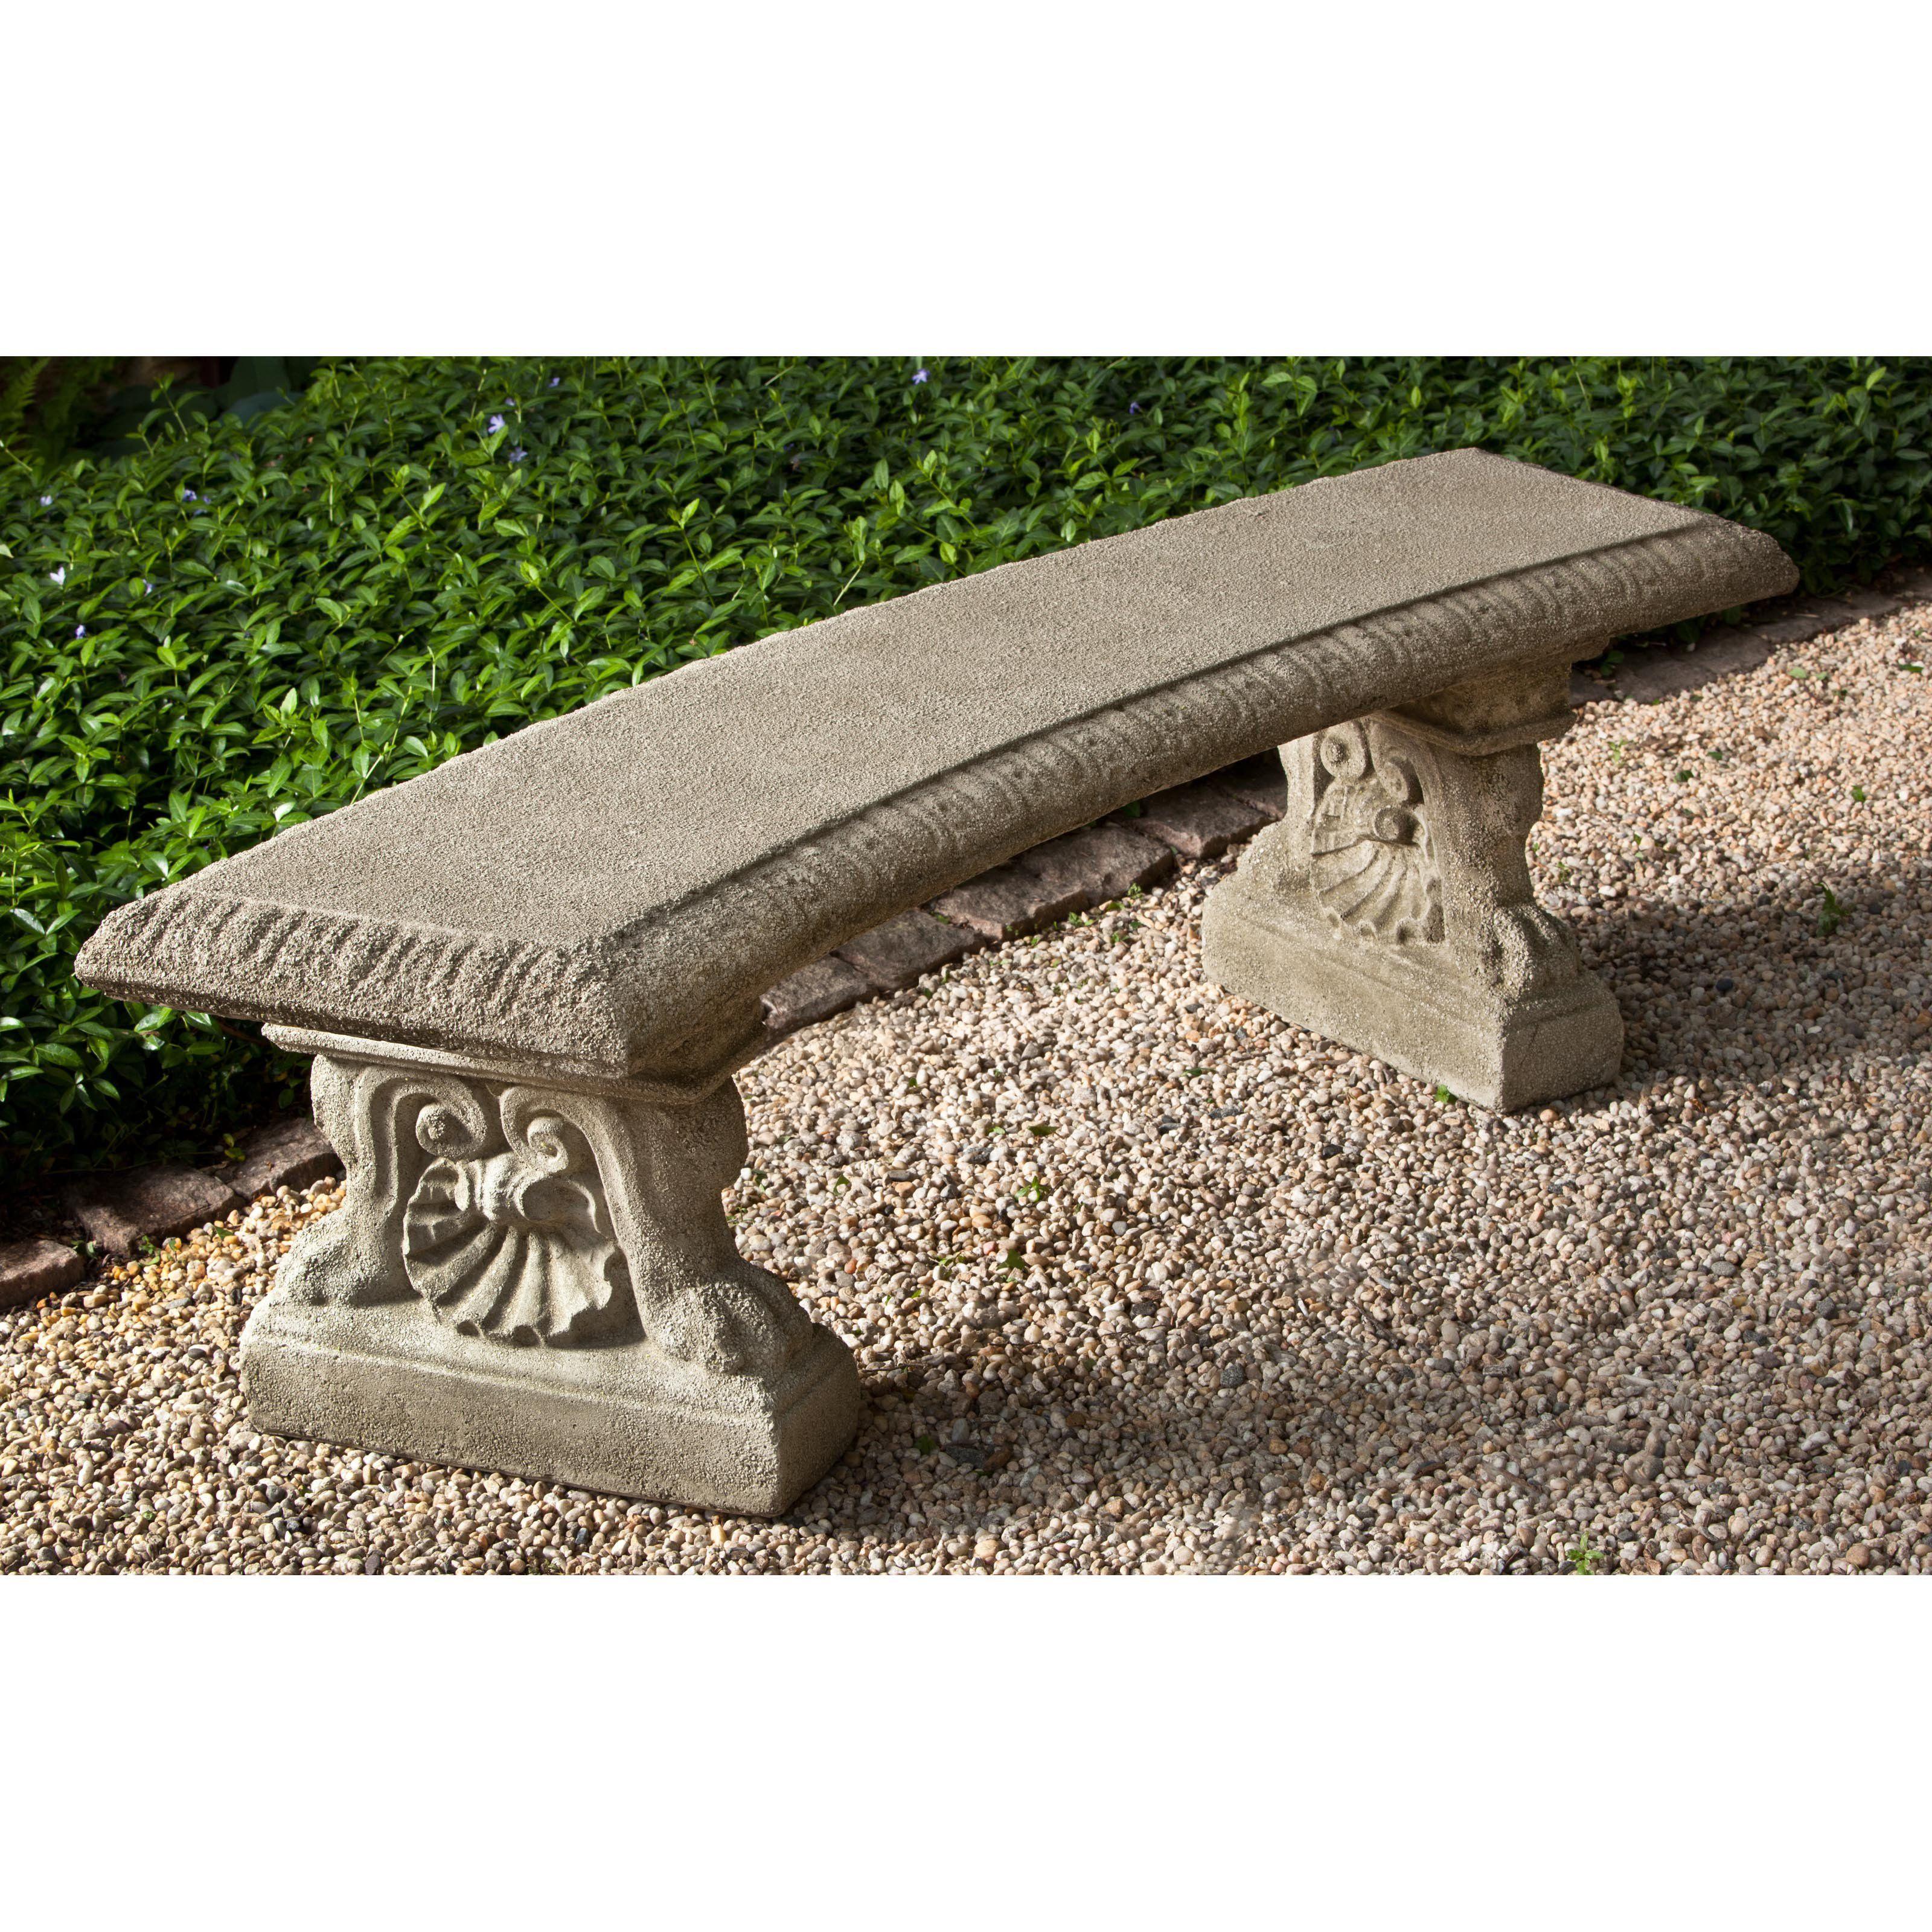 Campania International Westbury Cast Stone Backless Garden Bench   Aboutu2026